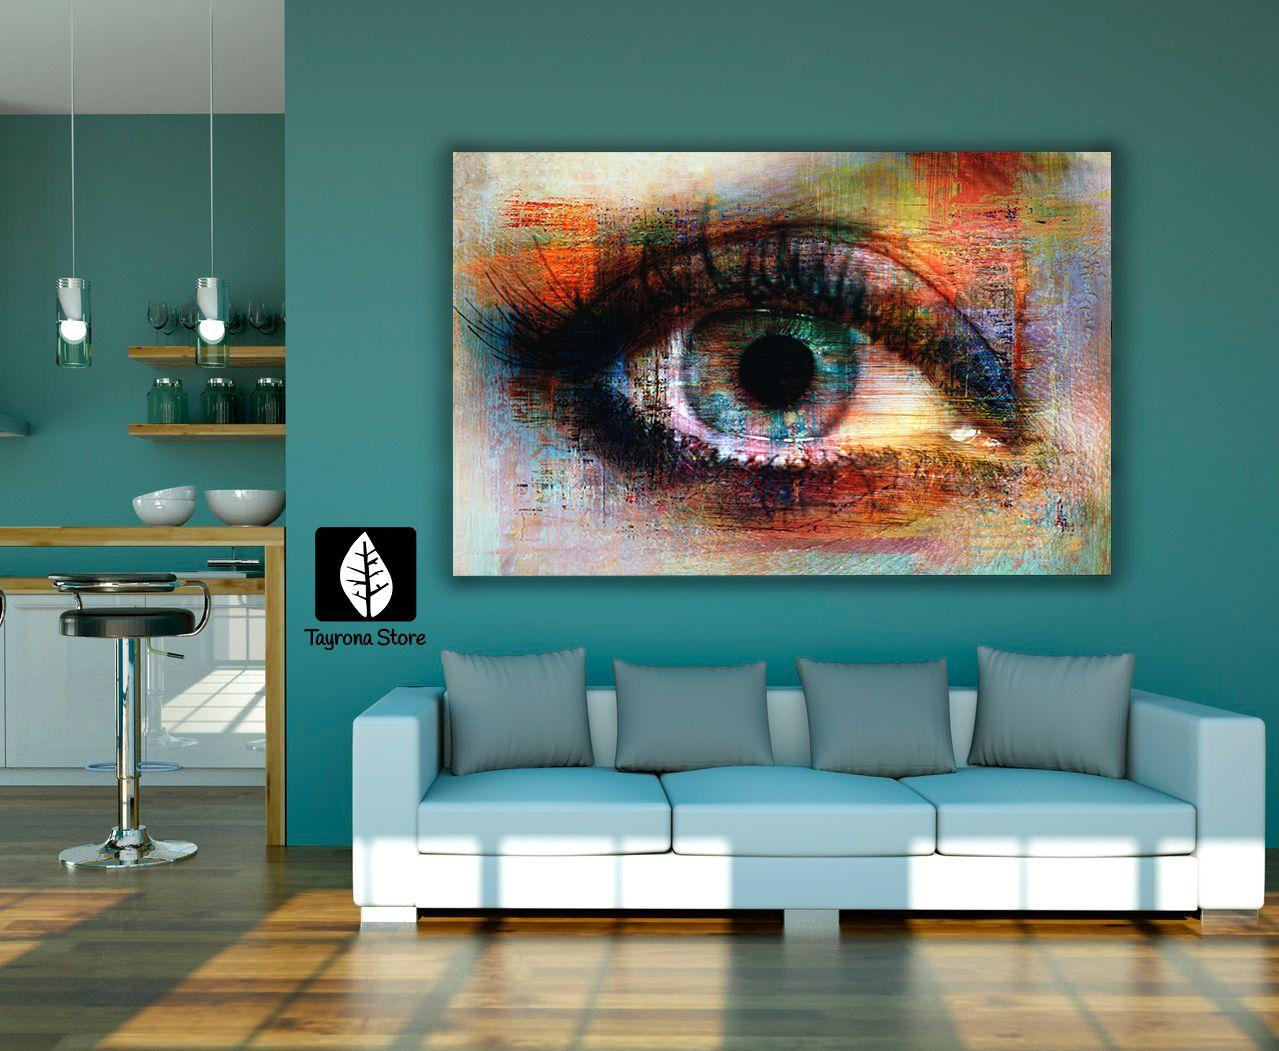 Cuadros decorativos ojo pintura tayronastore cuadros for Adornos decorativos para sala